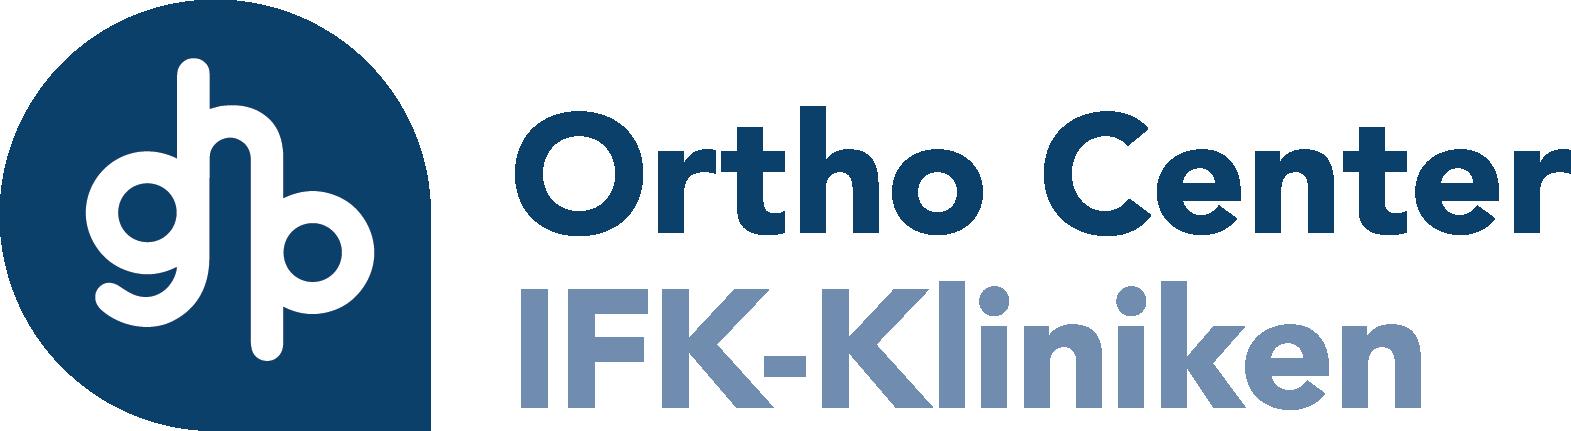 f690263d7ed Medarbetare - Ortho Center Göteborg